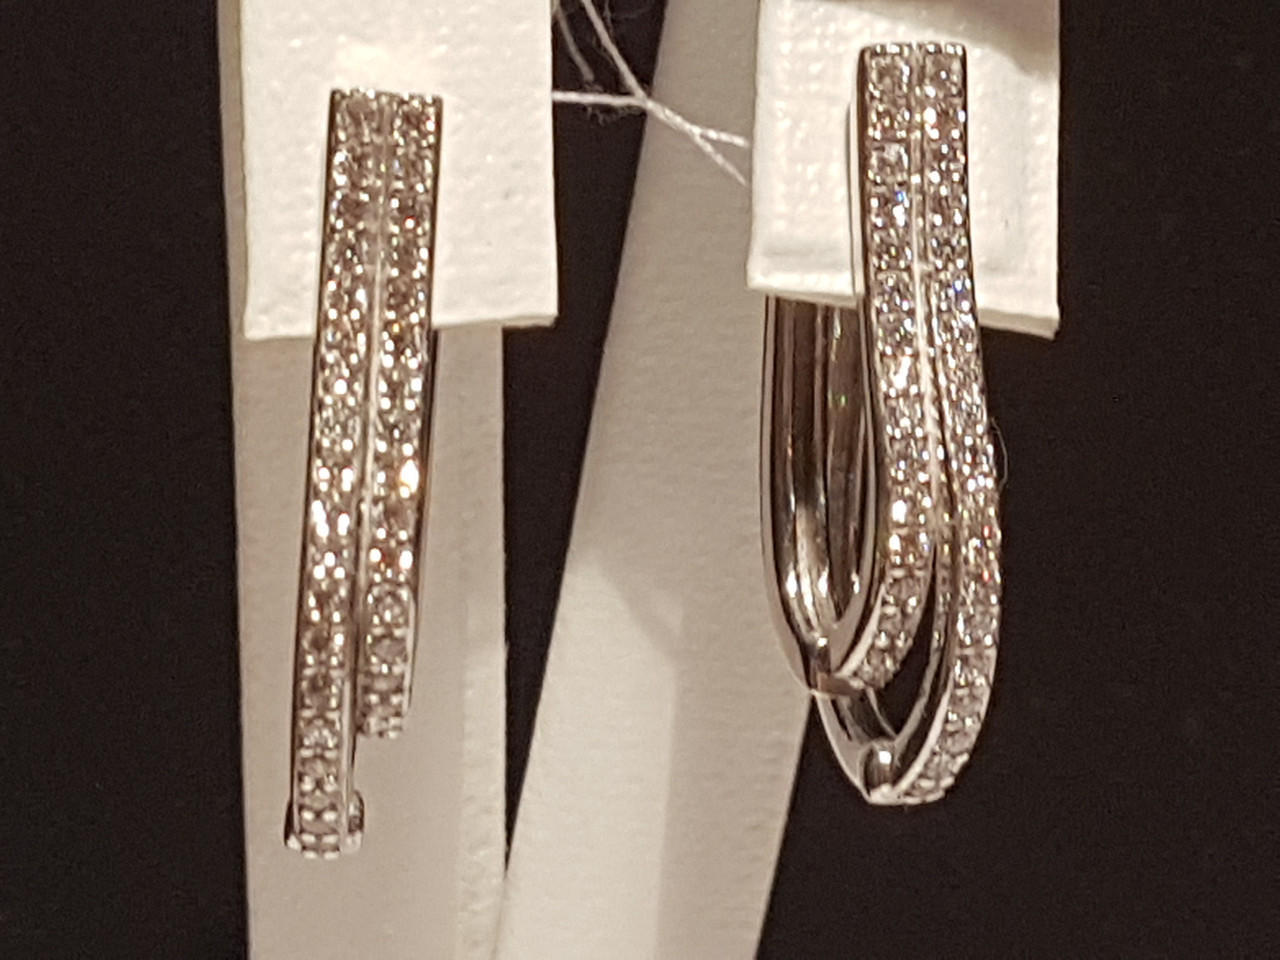 Срібні сережки з фіанітами. Артикул 2243р